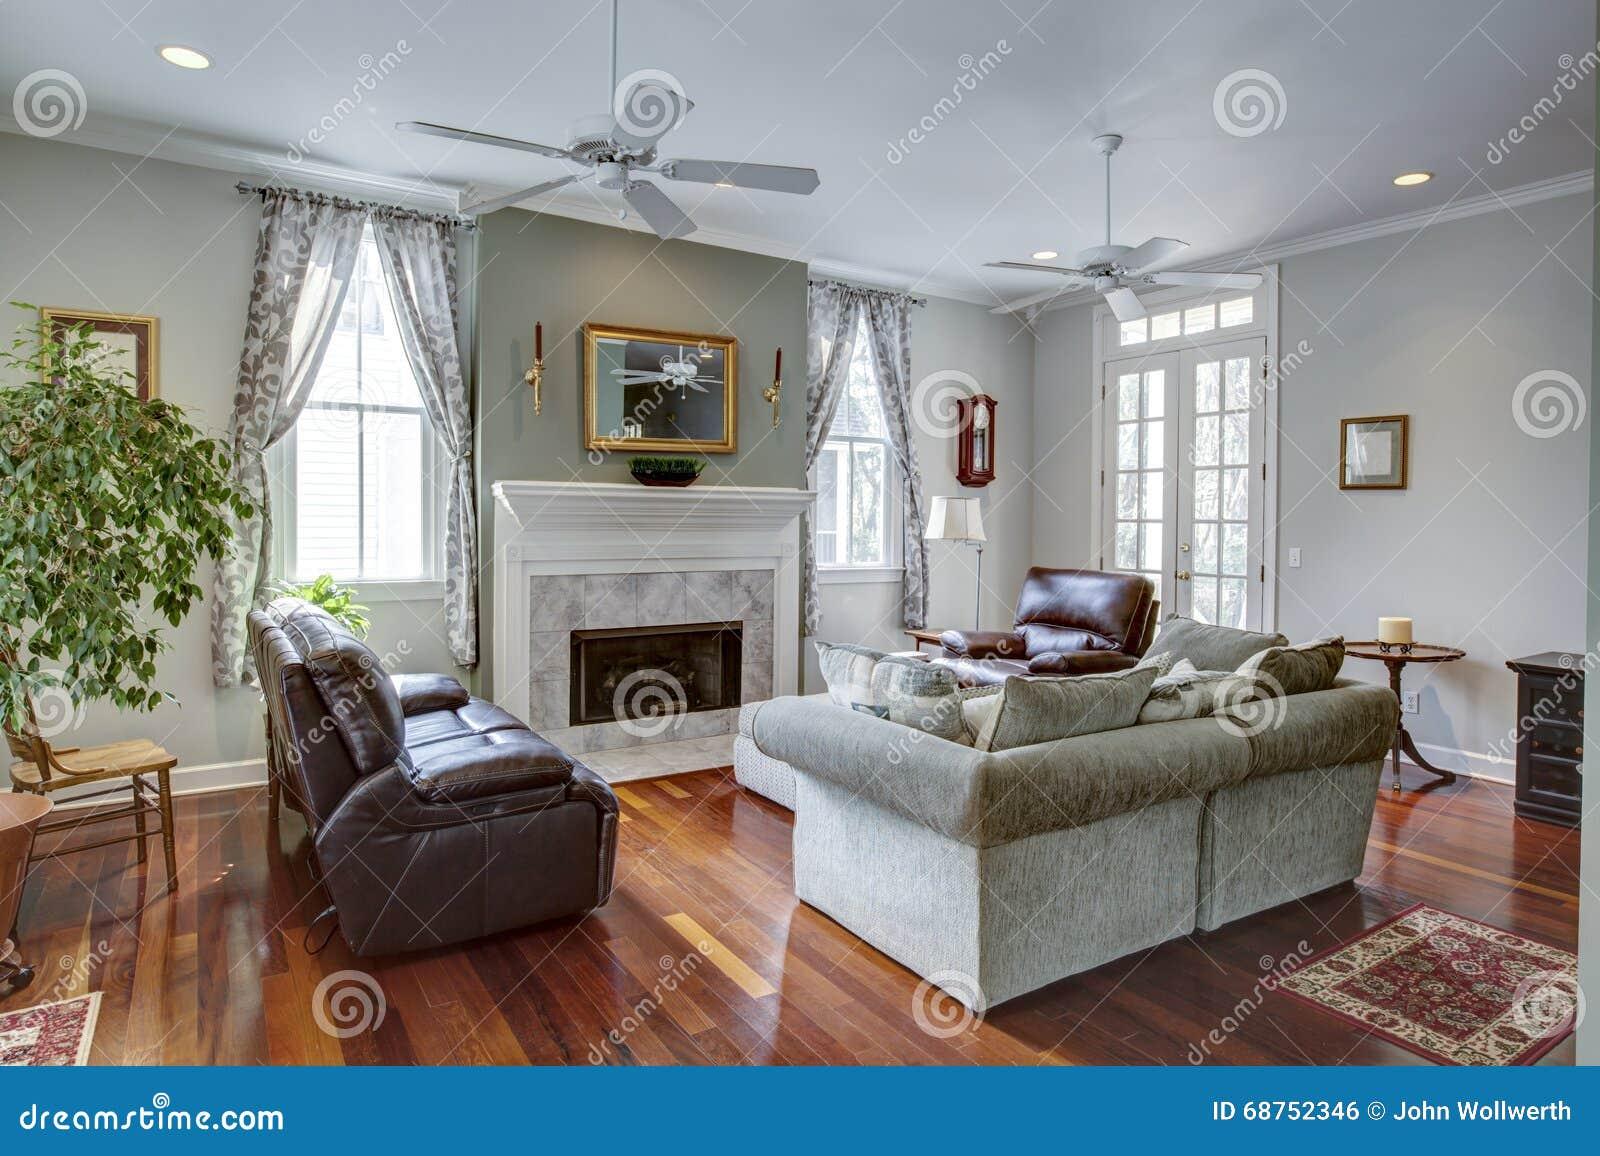 Modernes Luxuswohnzimmer Mit Kamin Stockfoto Bild Von Luxuswohnzimmer Kamin 68752346